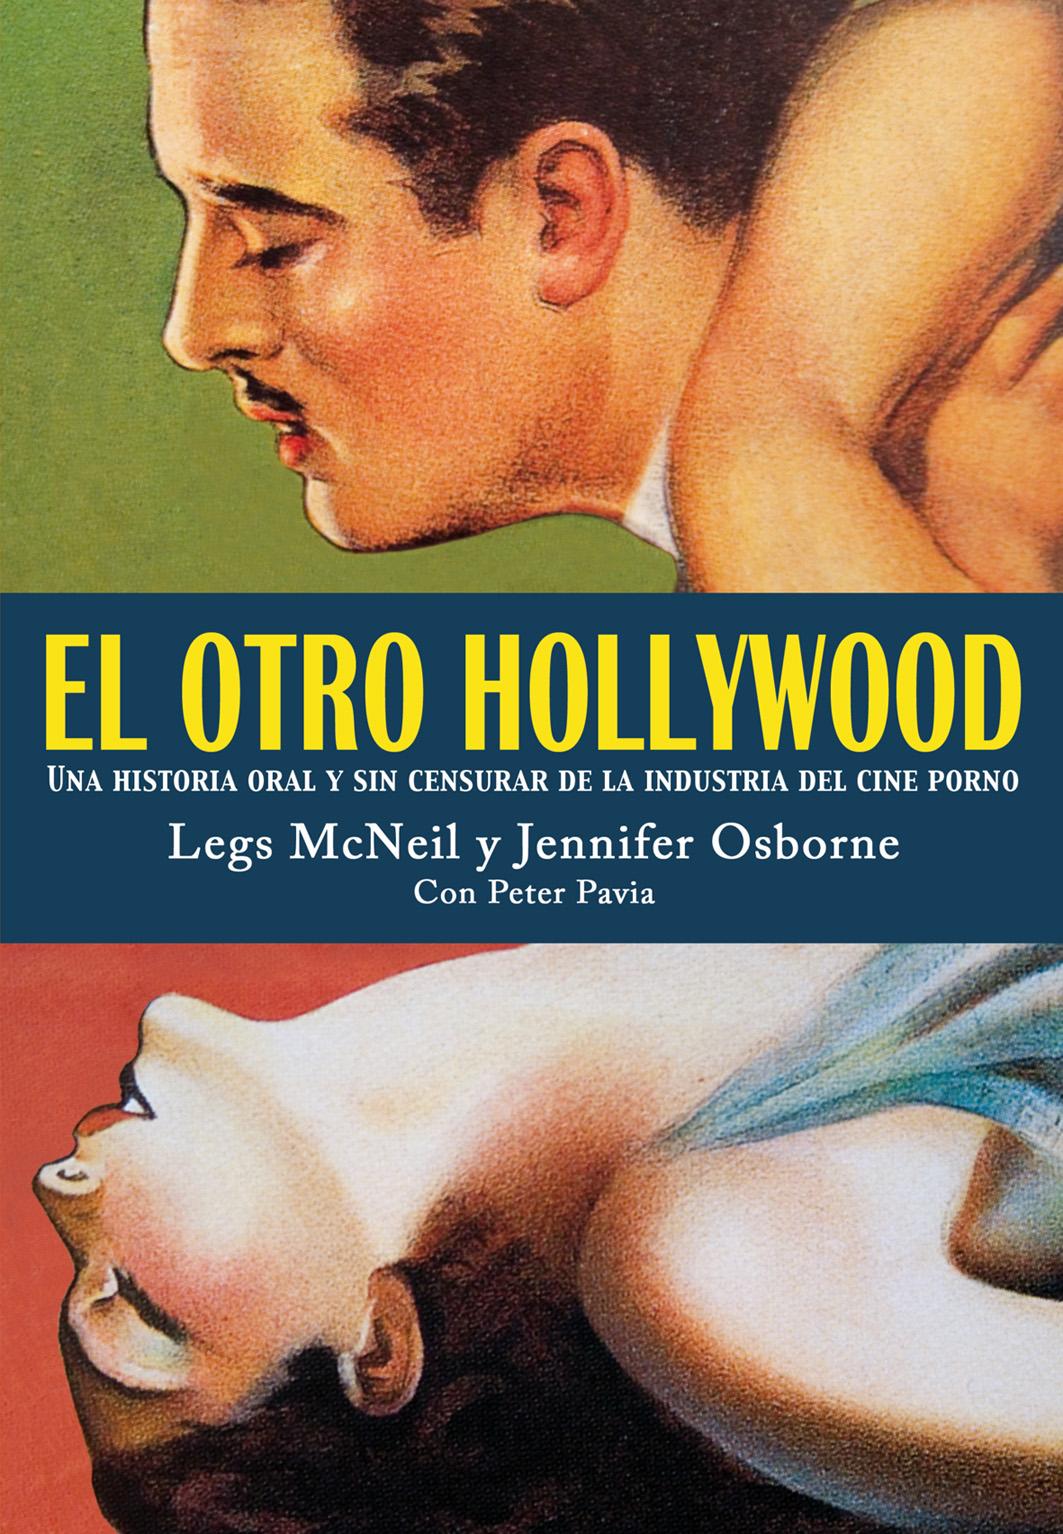 Librería Cinéfila - Página 10 Hollywood_portada